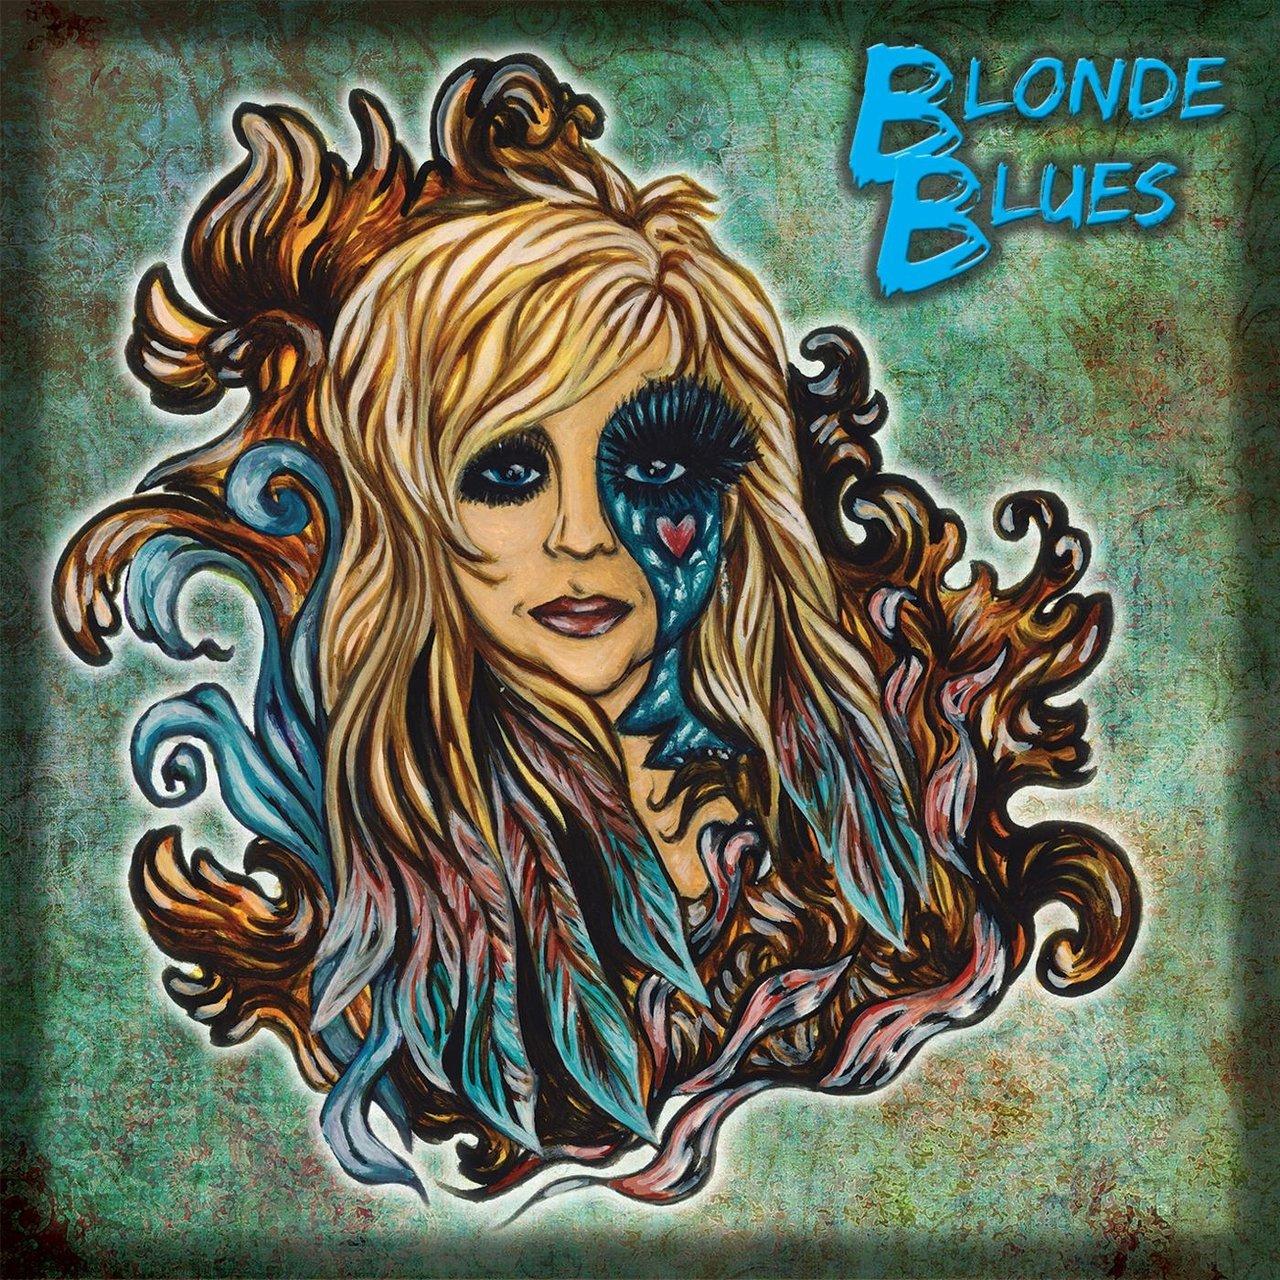 BLONDE BLUES –Dixianna